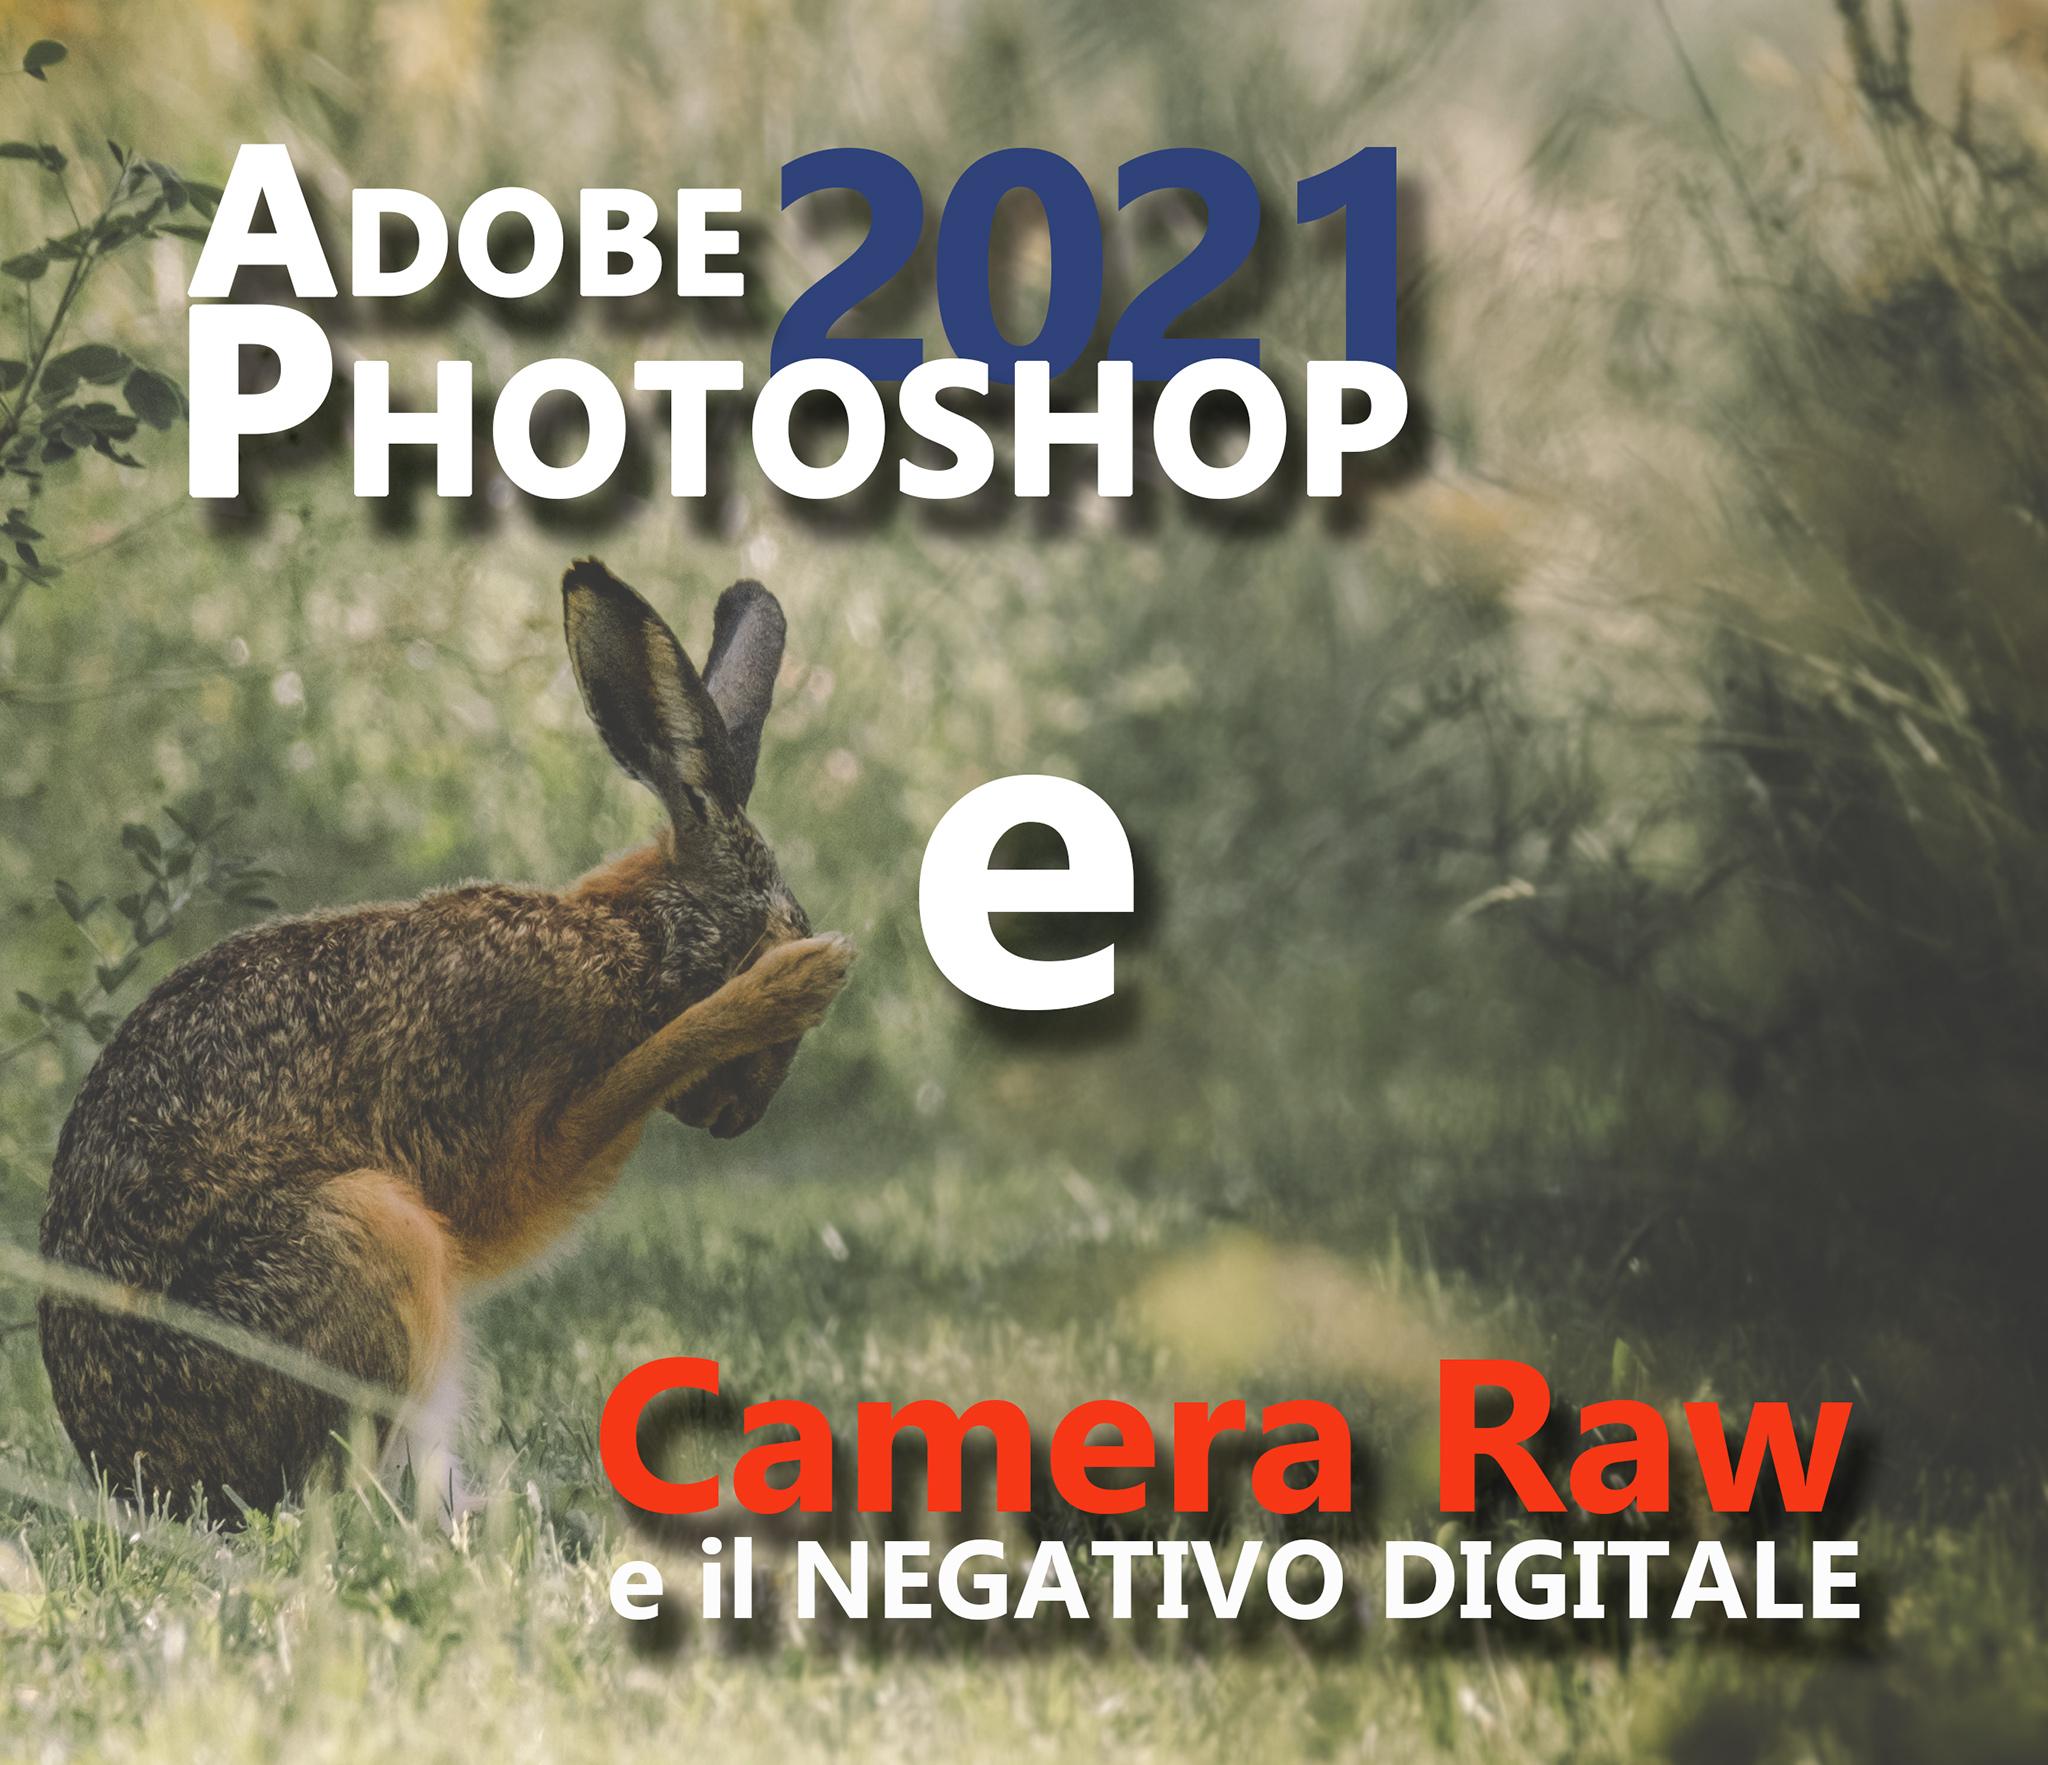 Photoshop e Camera Raw in pratica: il corso per principianti